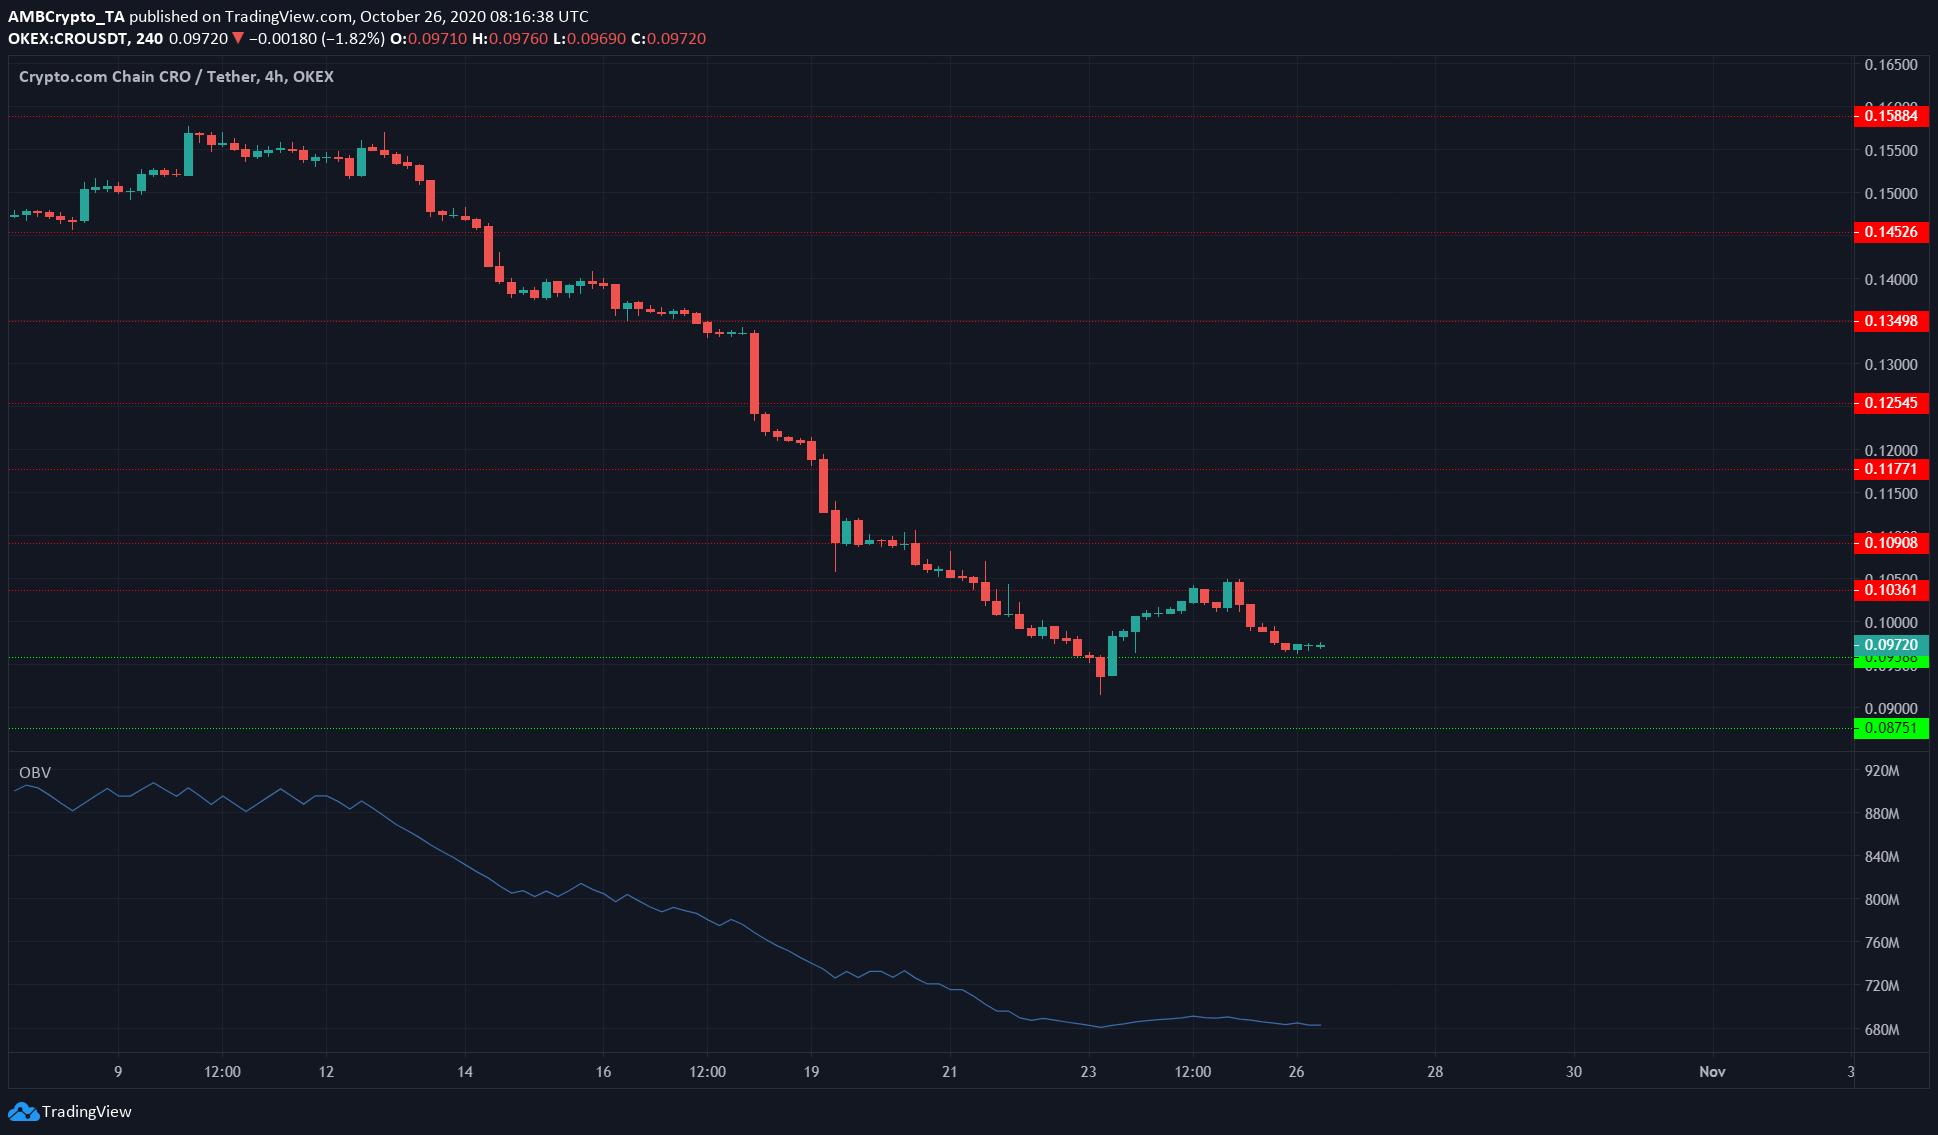 Tron, Cosmos, Crypto.com Coin Price Analysis: 26 October